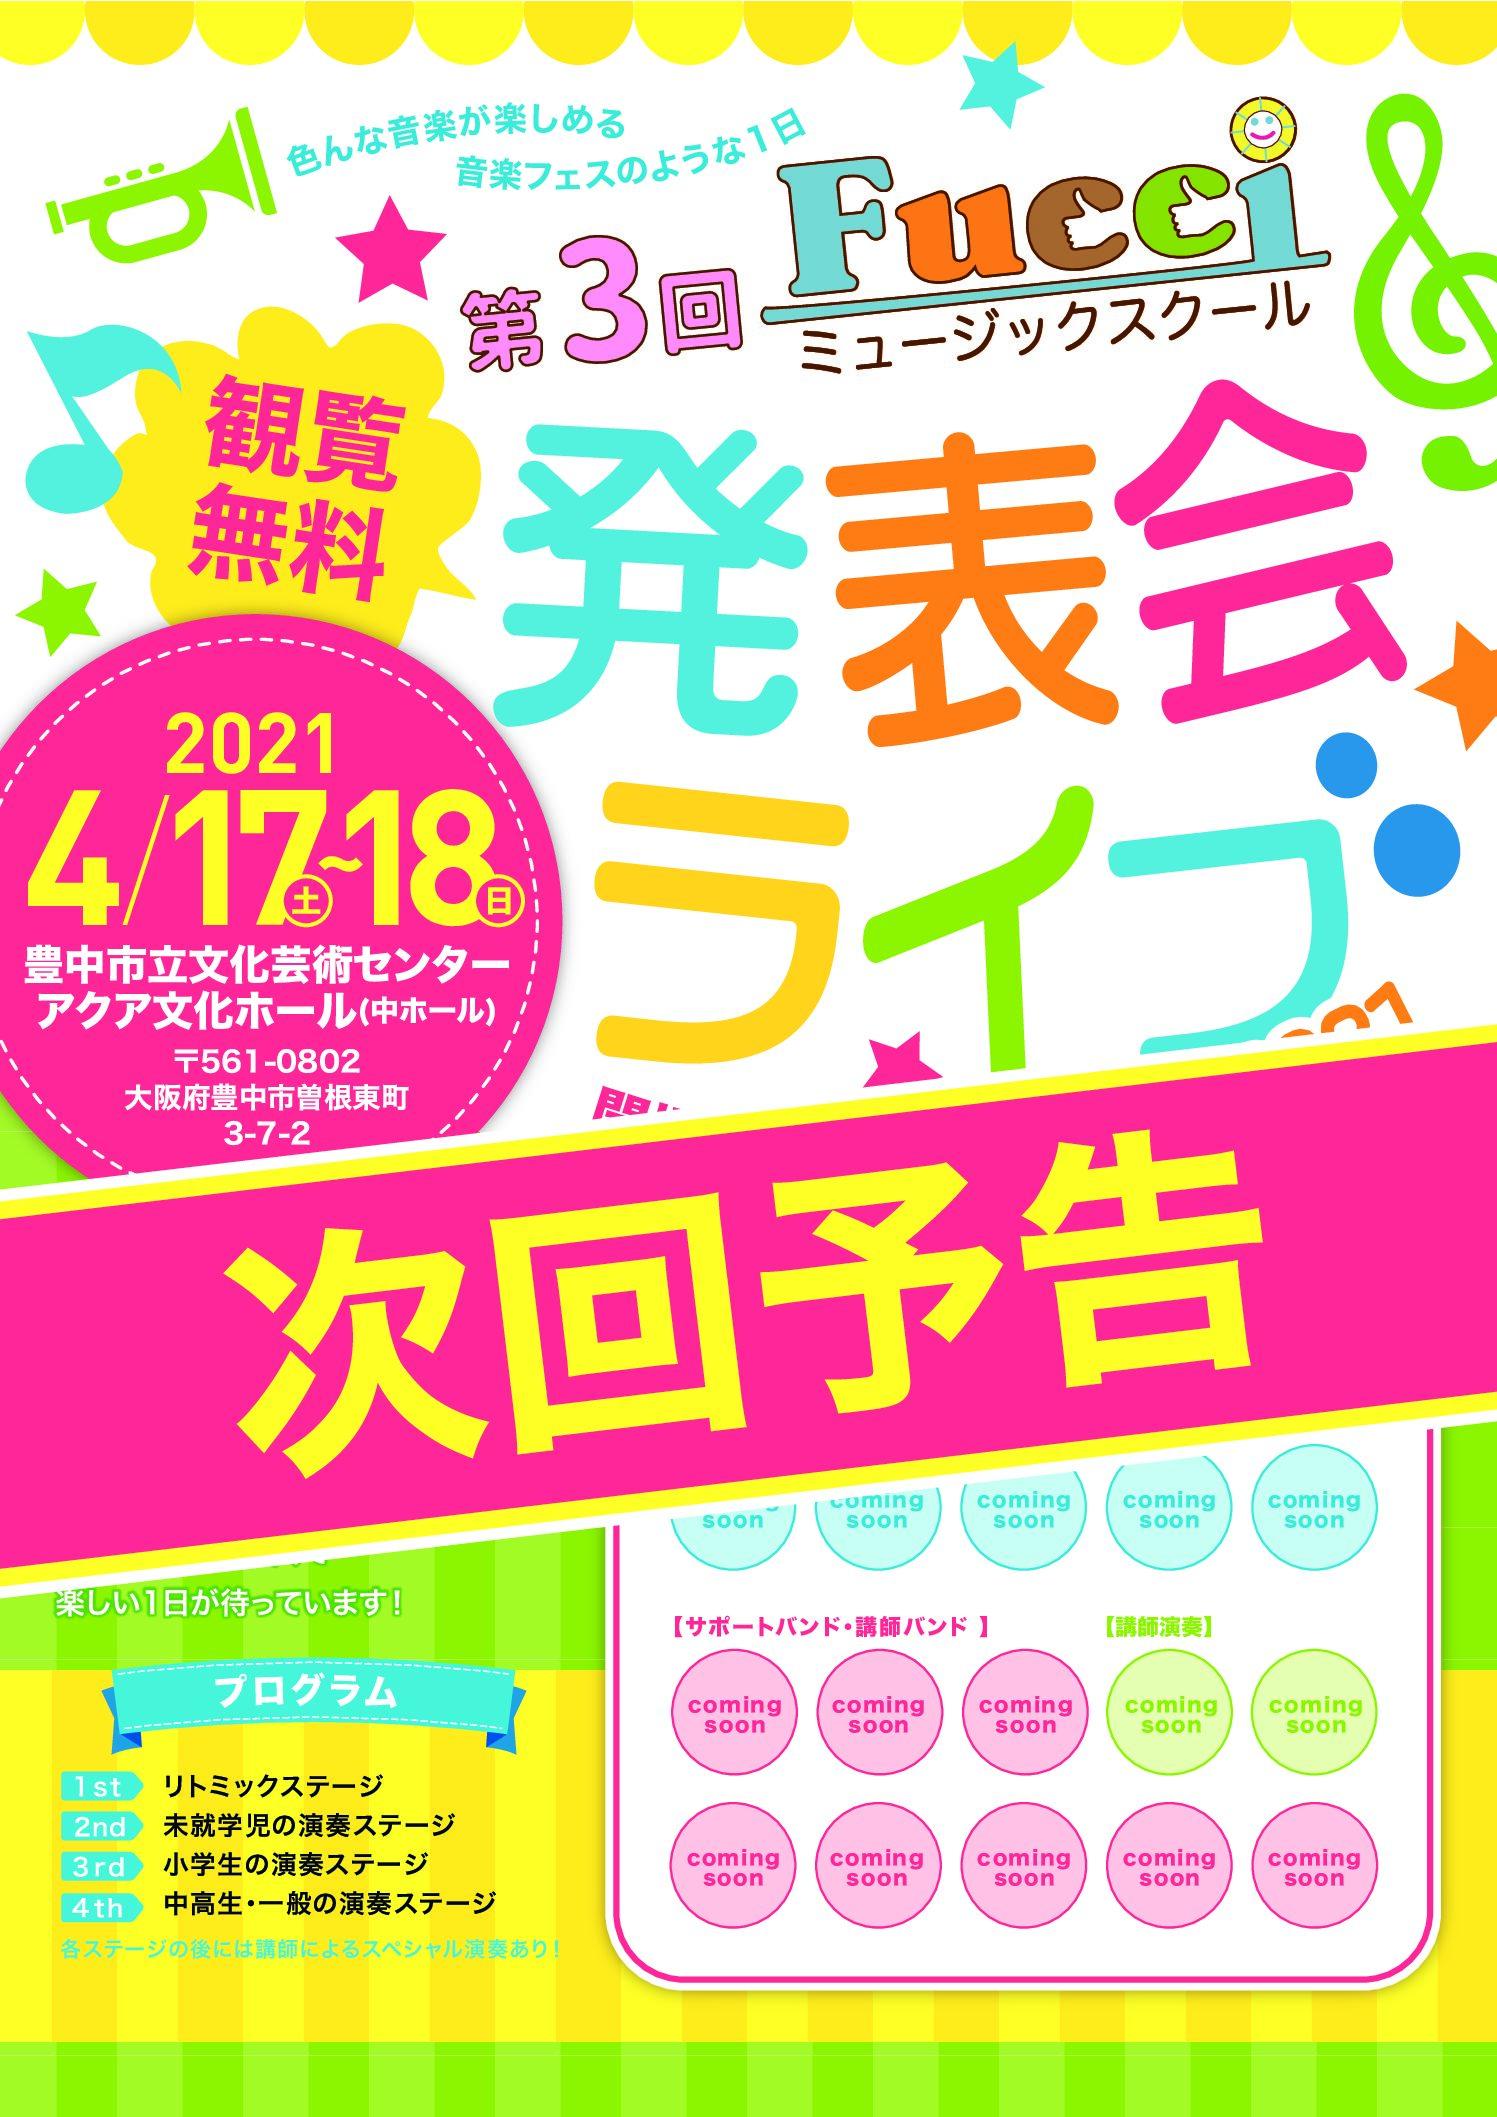 発表会ライブ2021のお知らせ